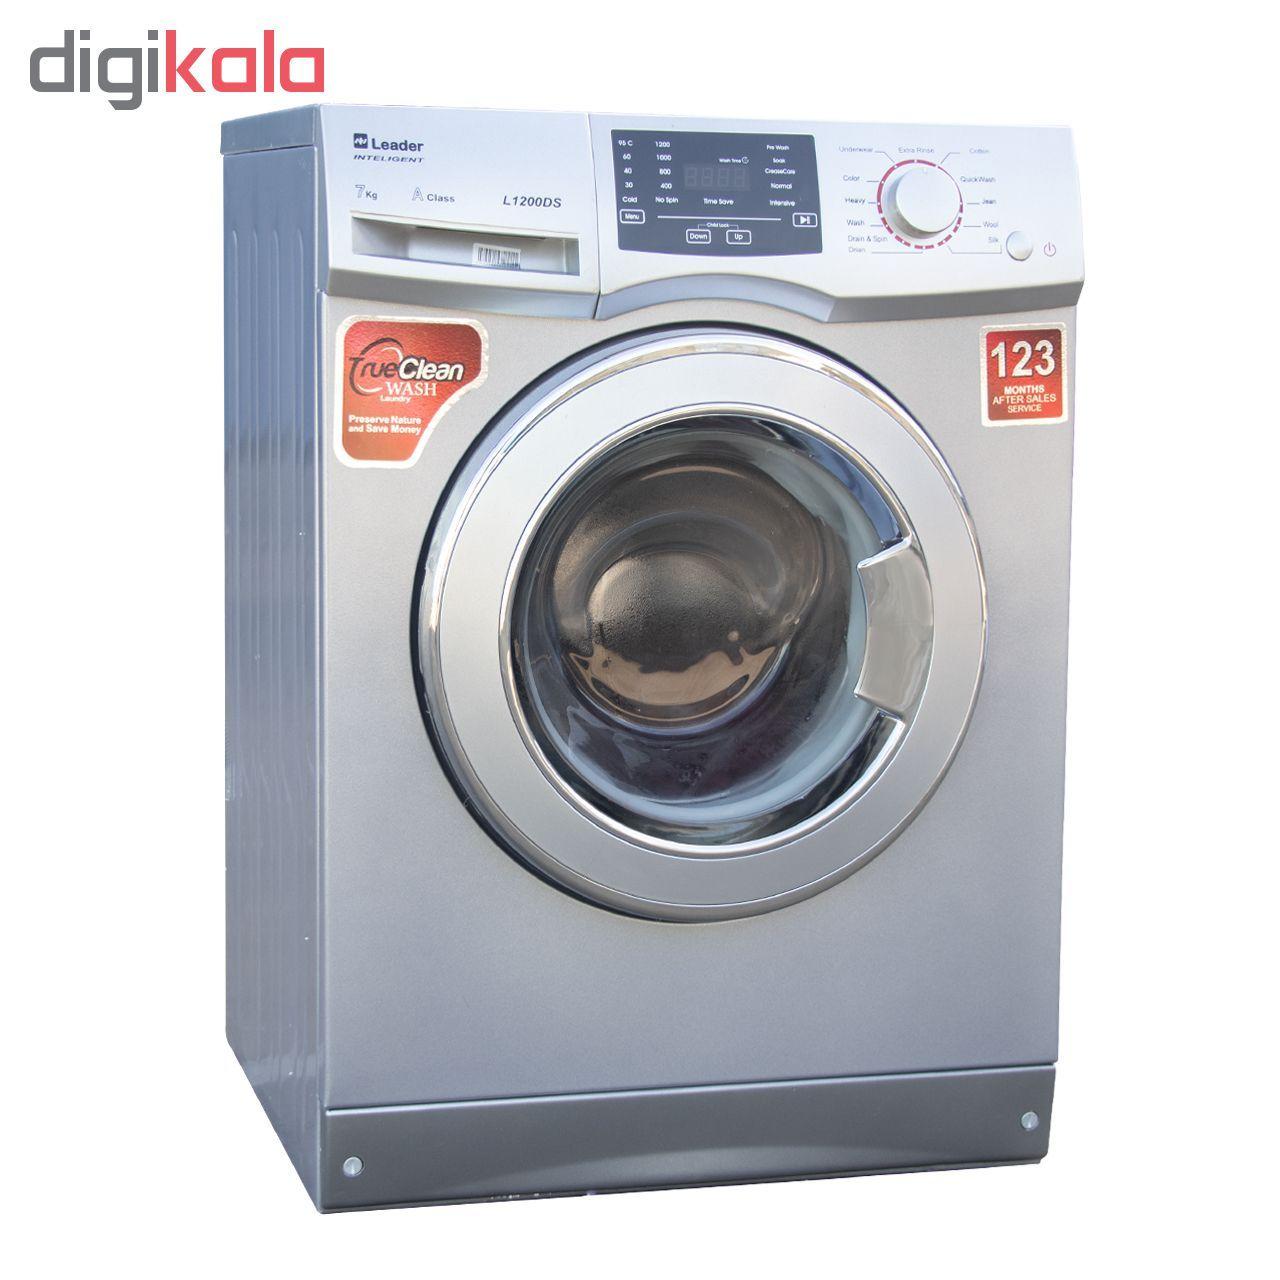 ماشین لباسشویی لیدر مدل L1200D ظرفیت 7 کیلوگرم main 1 2